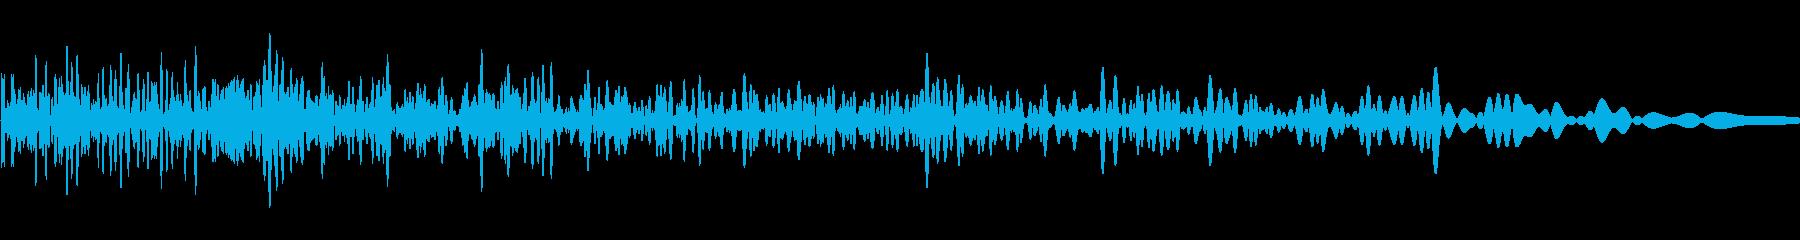 ハードアタックストップの再生済みの波形